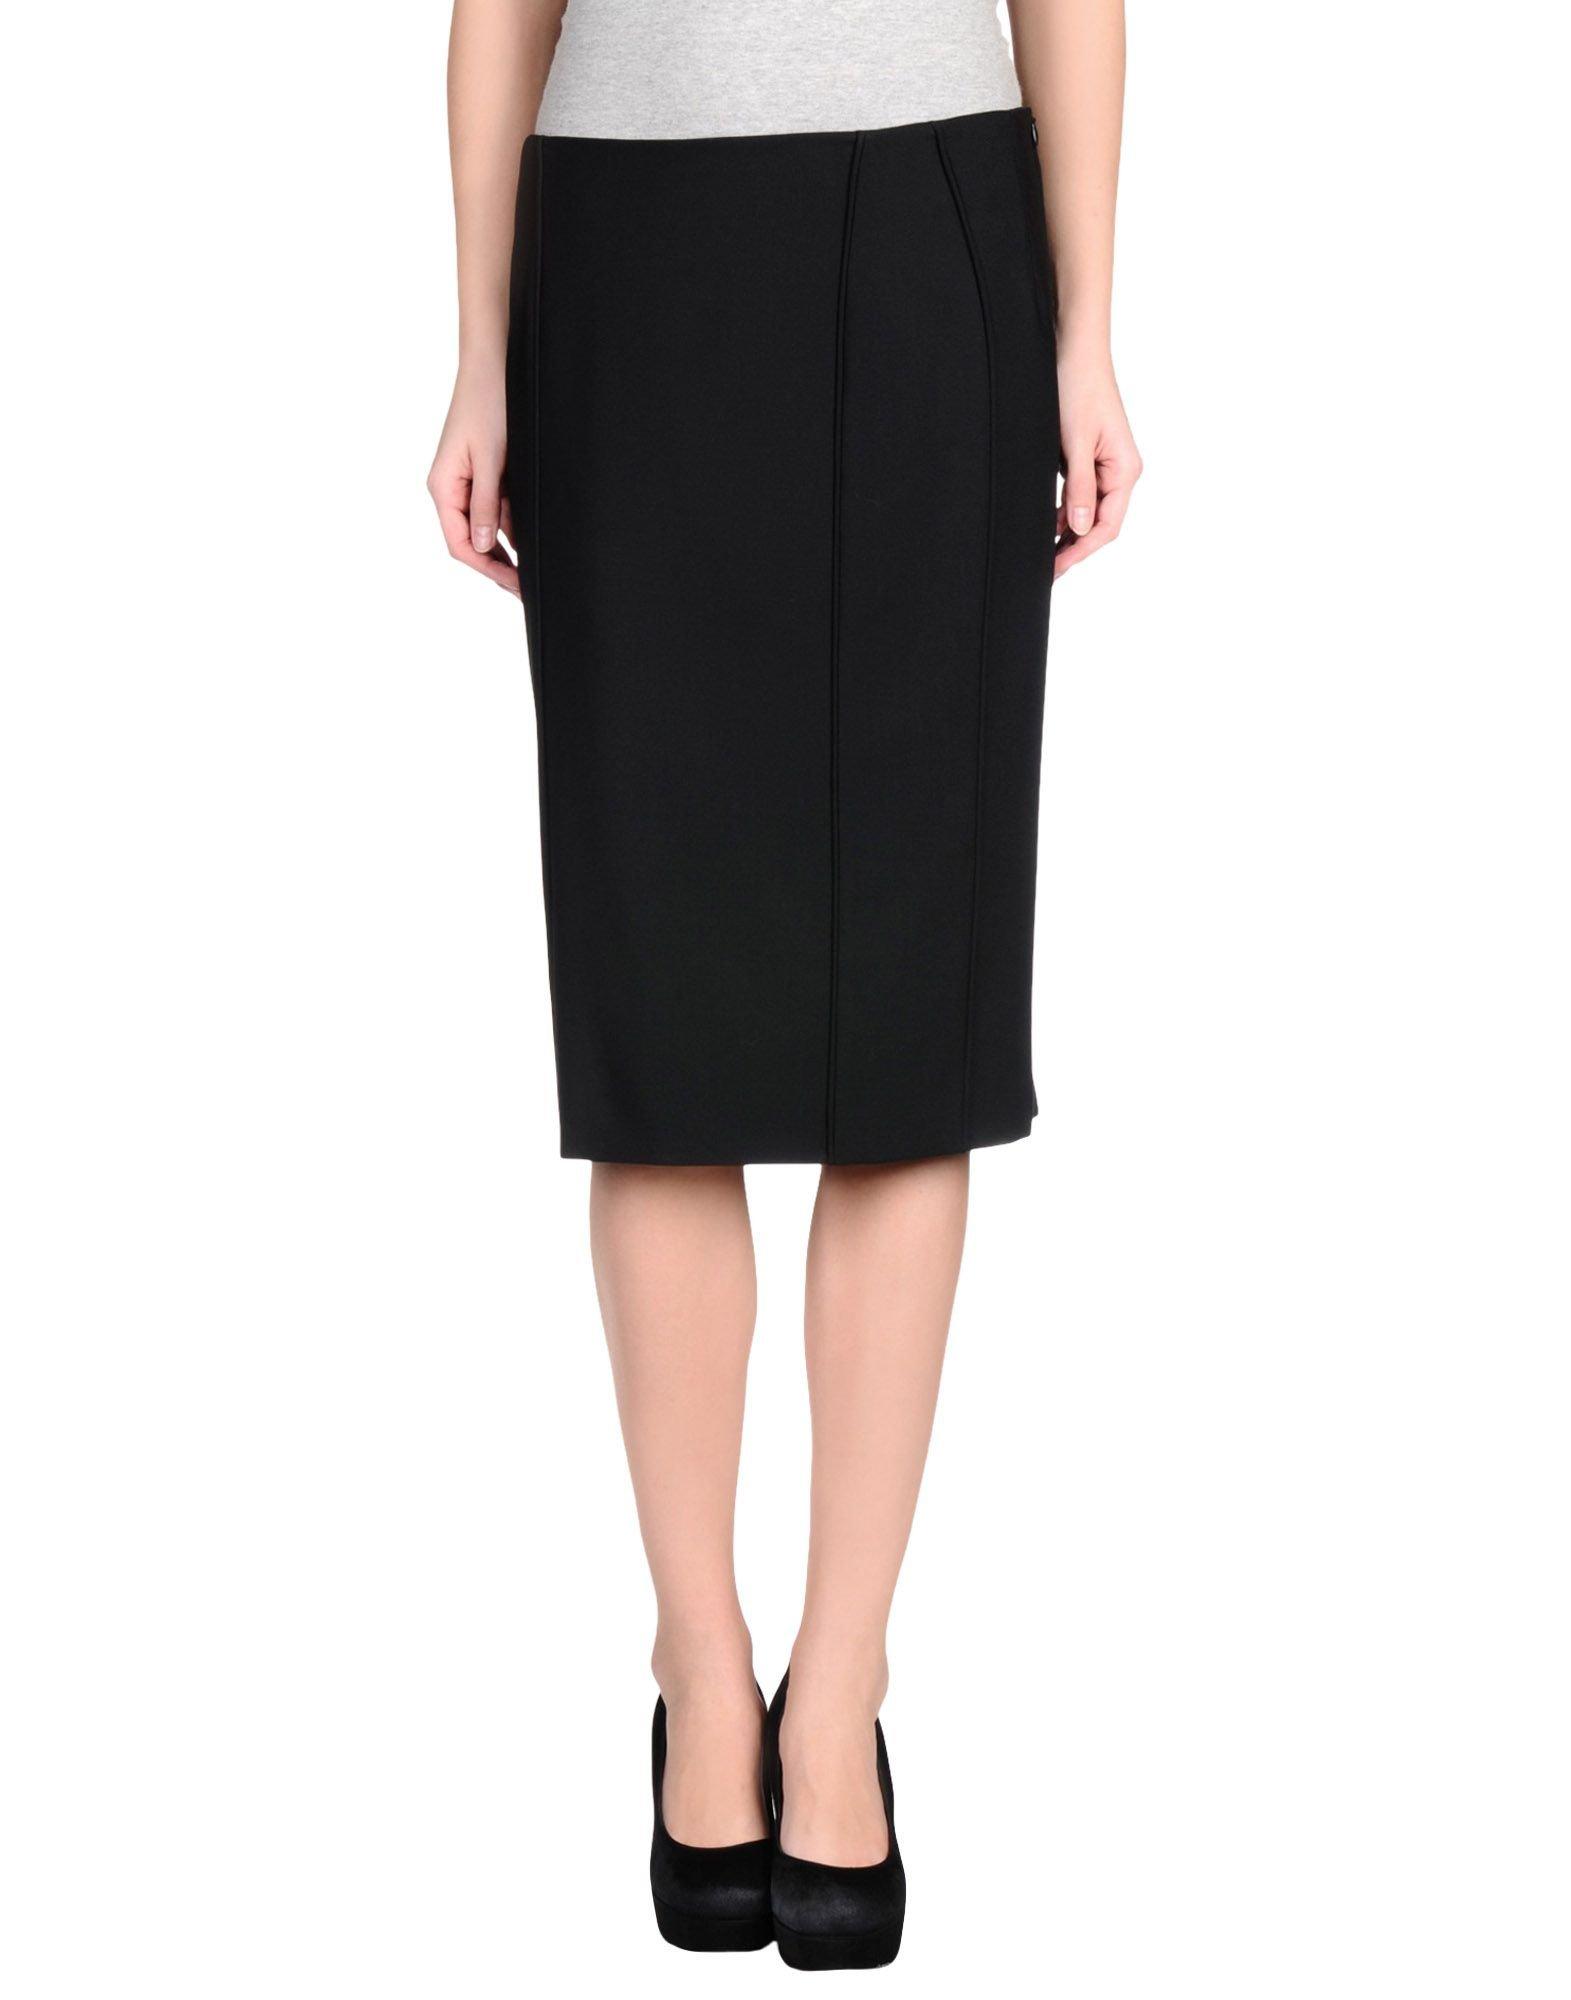 Alberta ferretti Knee Length Skirt in Black | Lyst